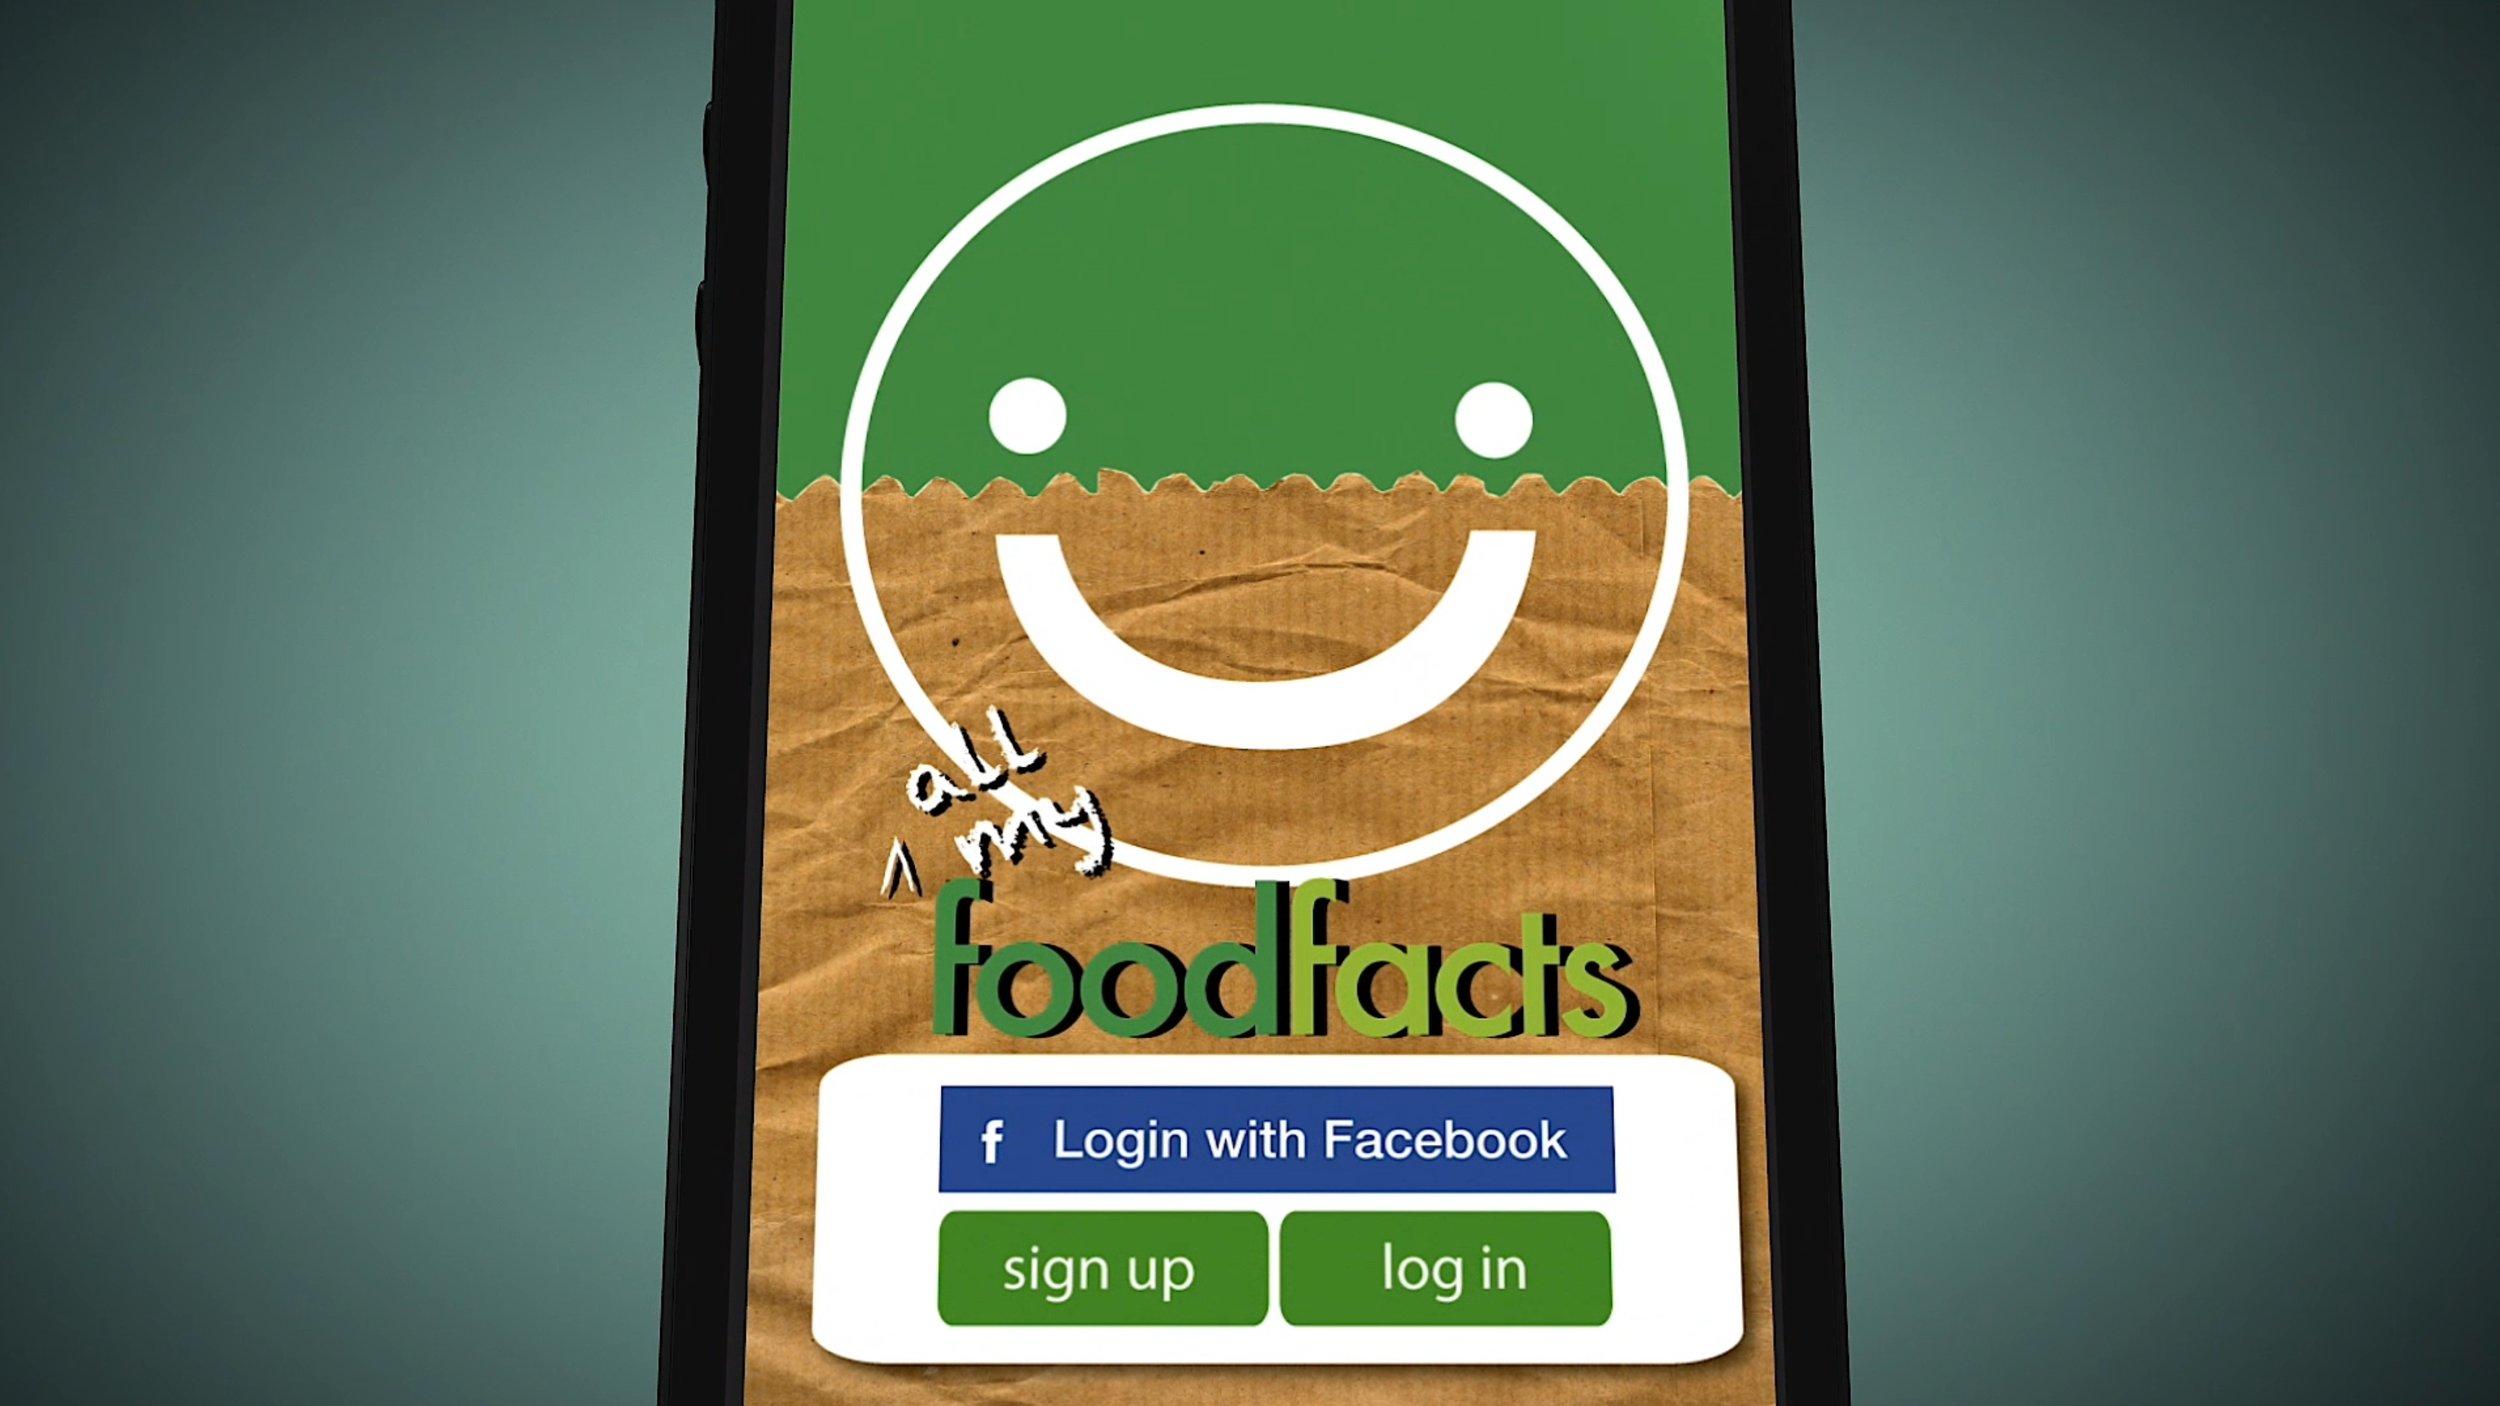 foodfacts poster.jpg